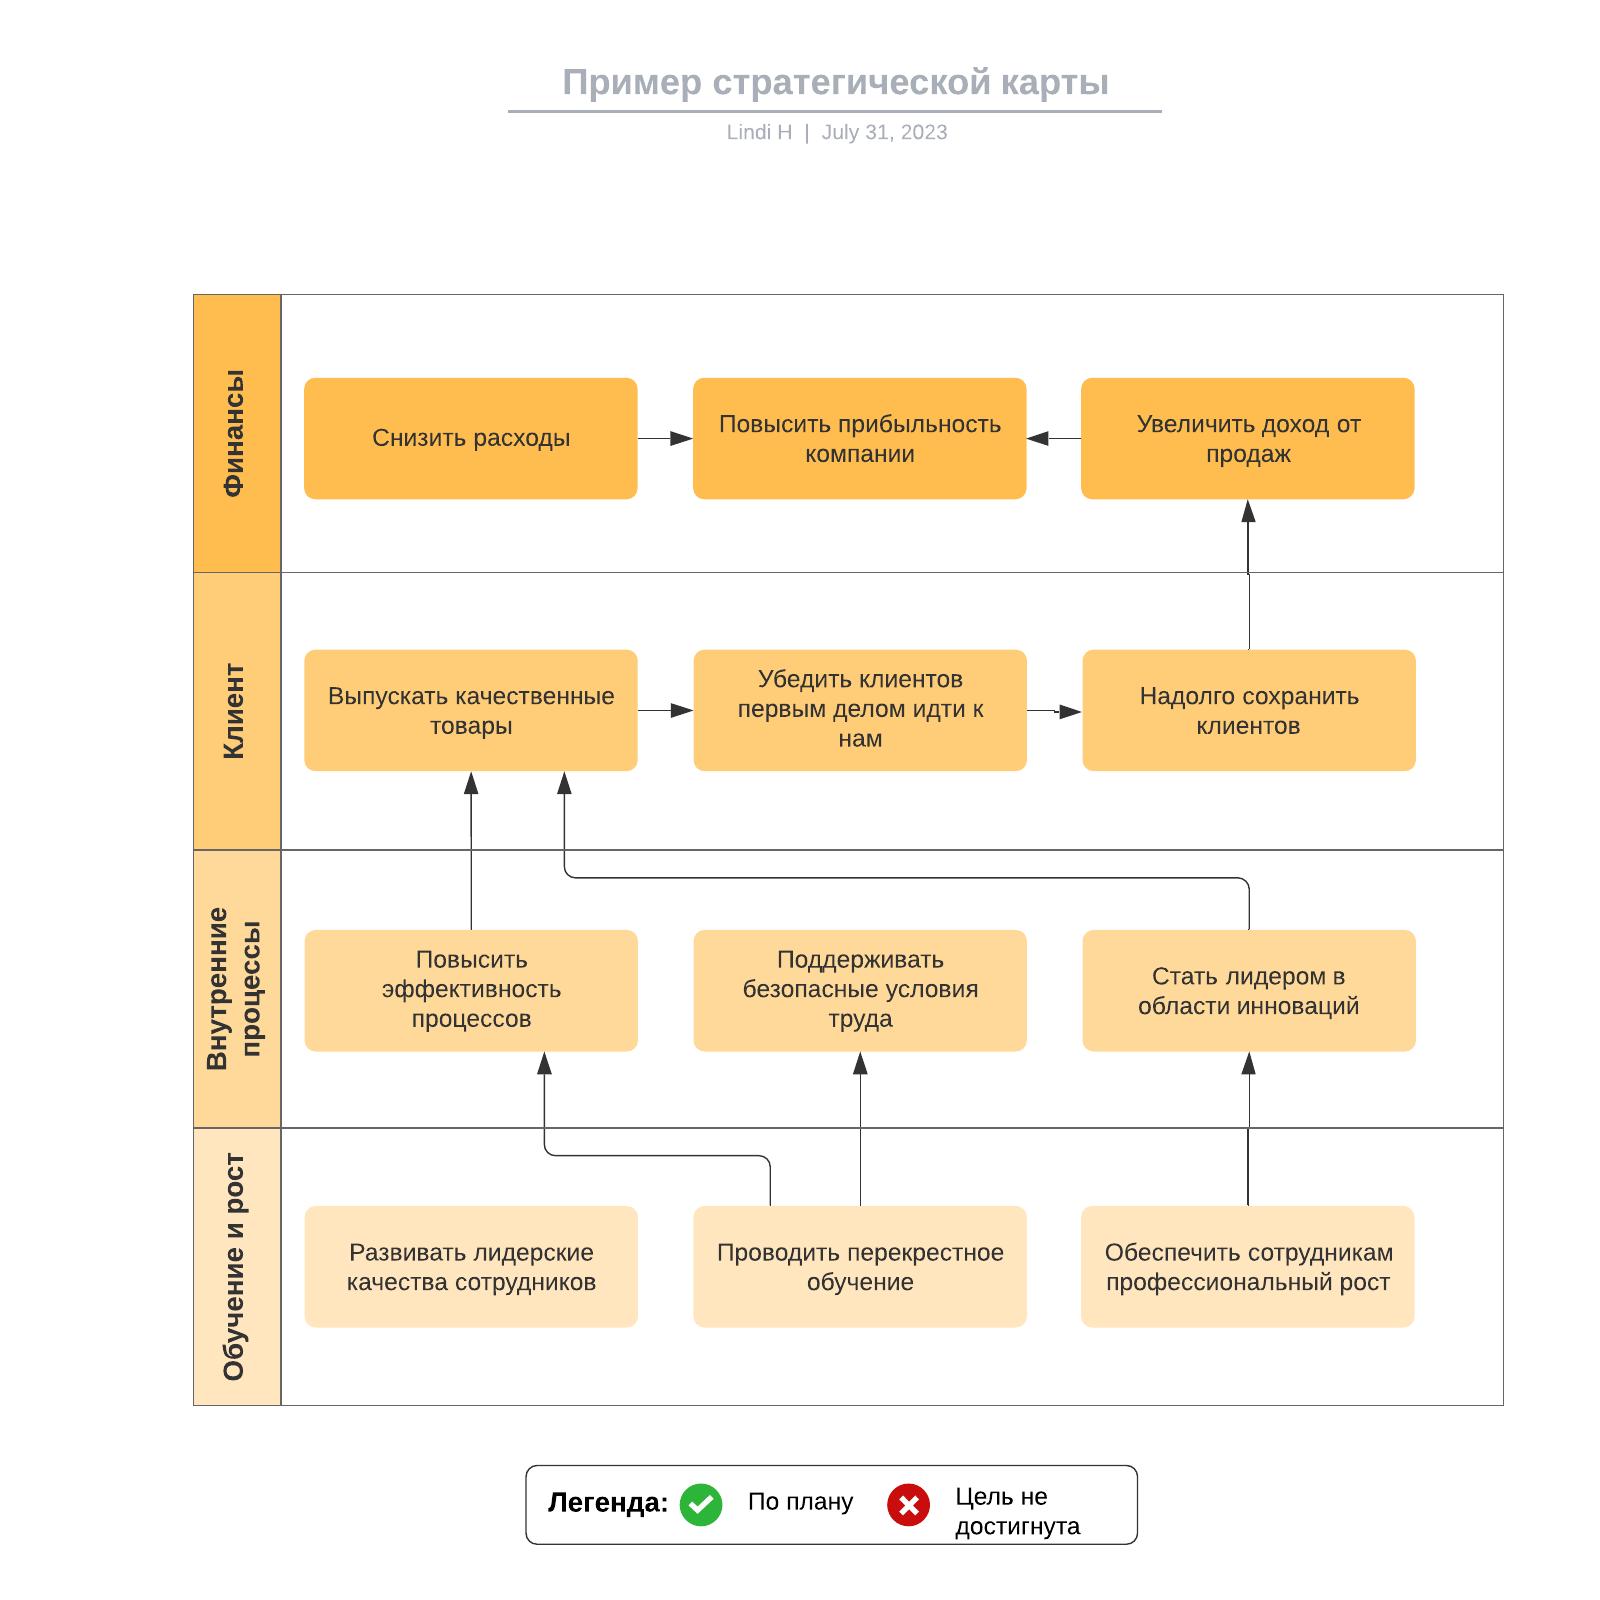 Пример стратегической карты